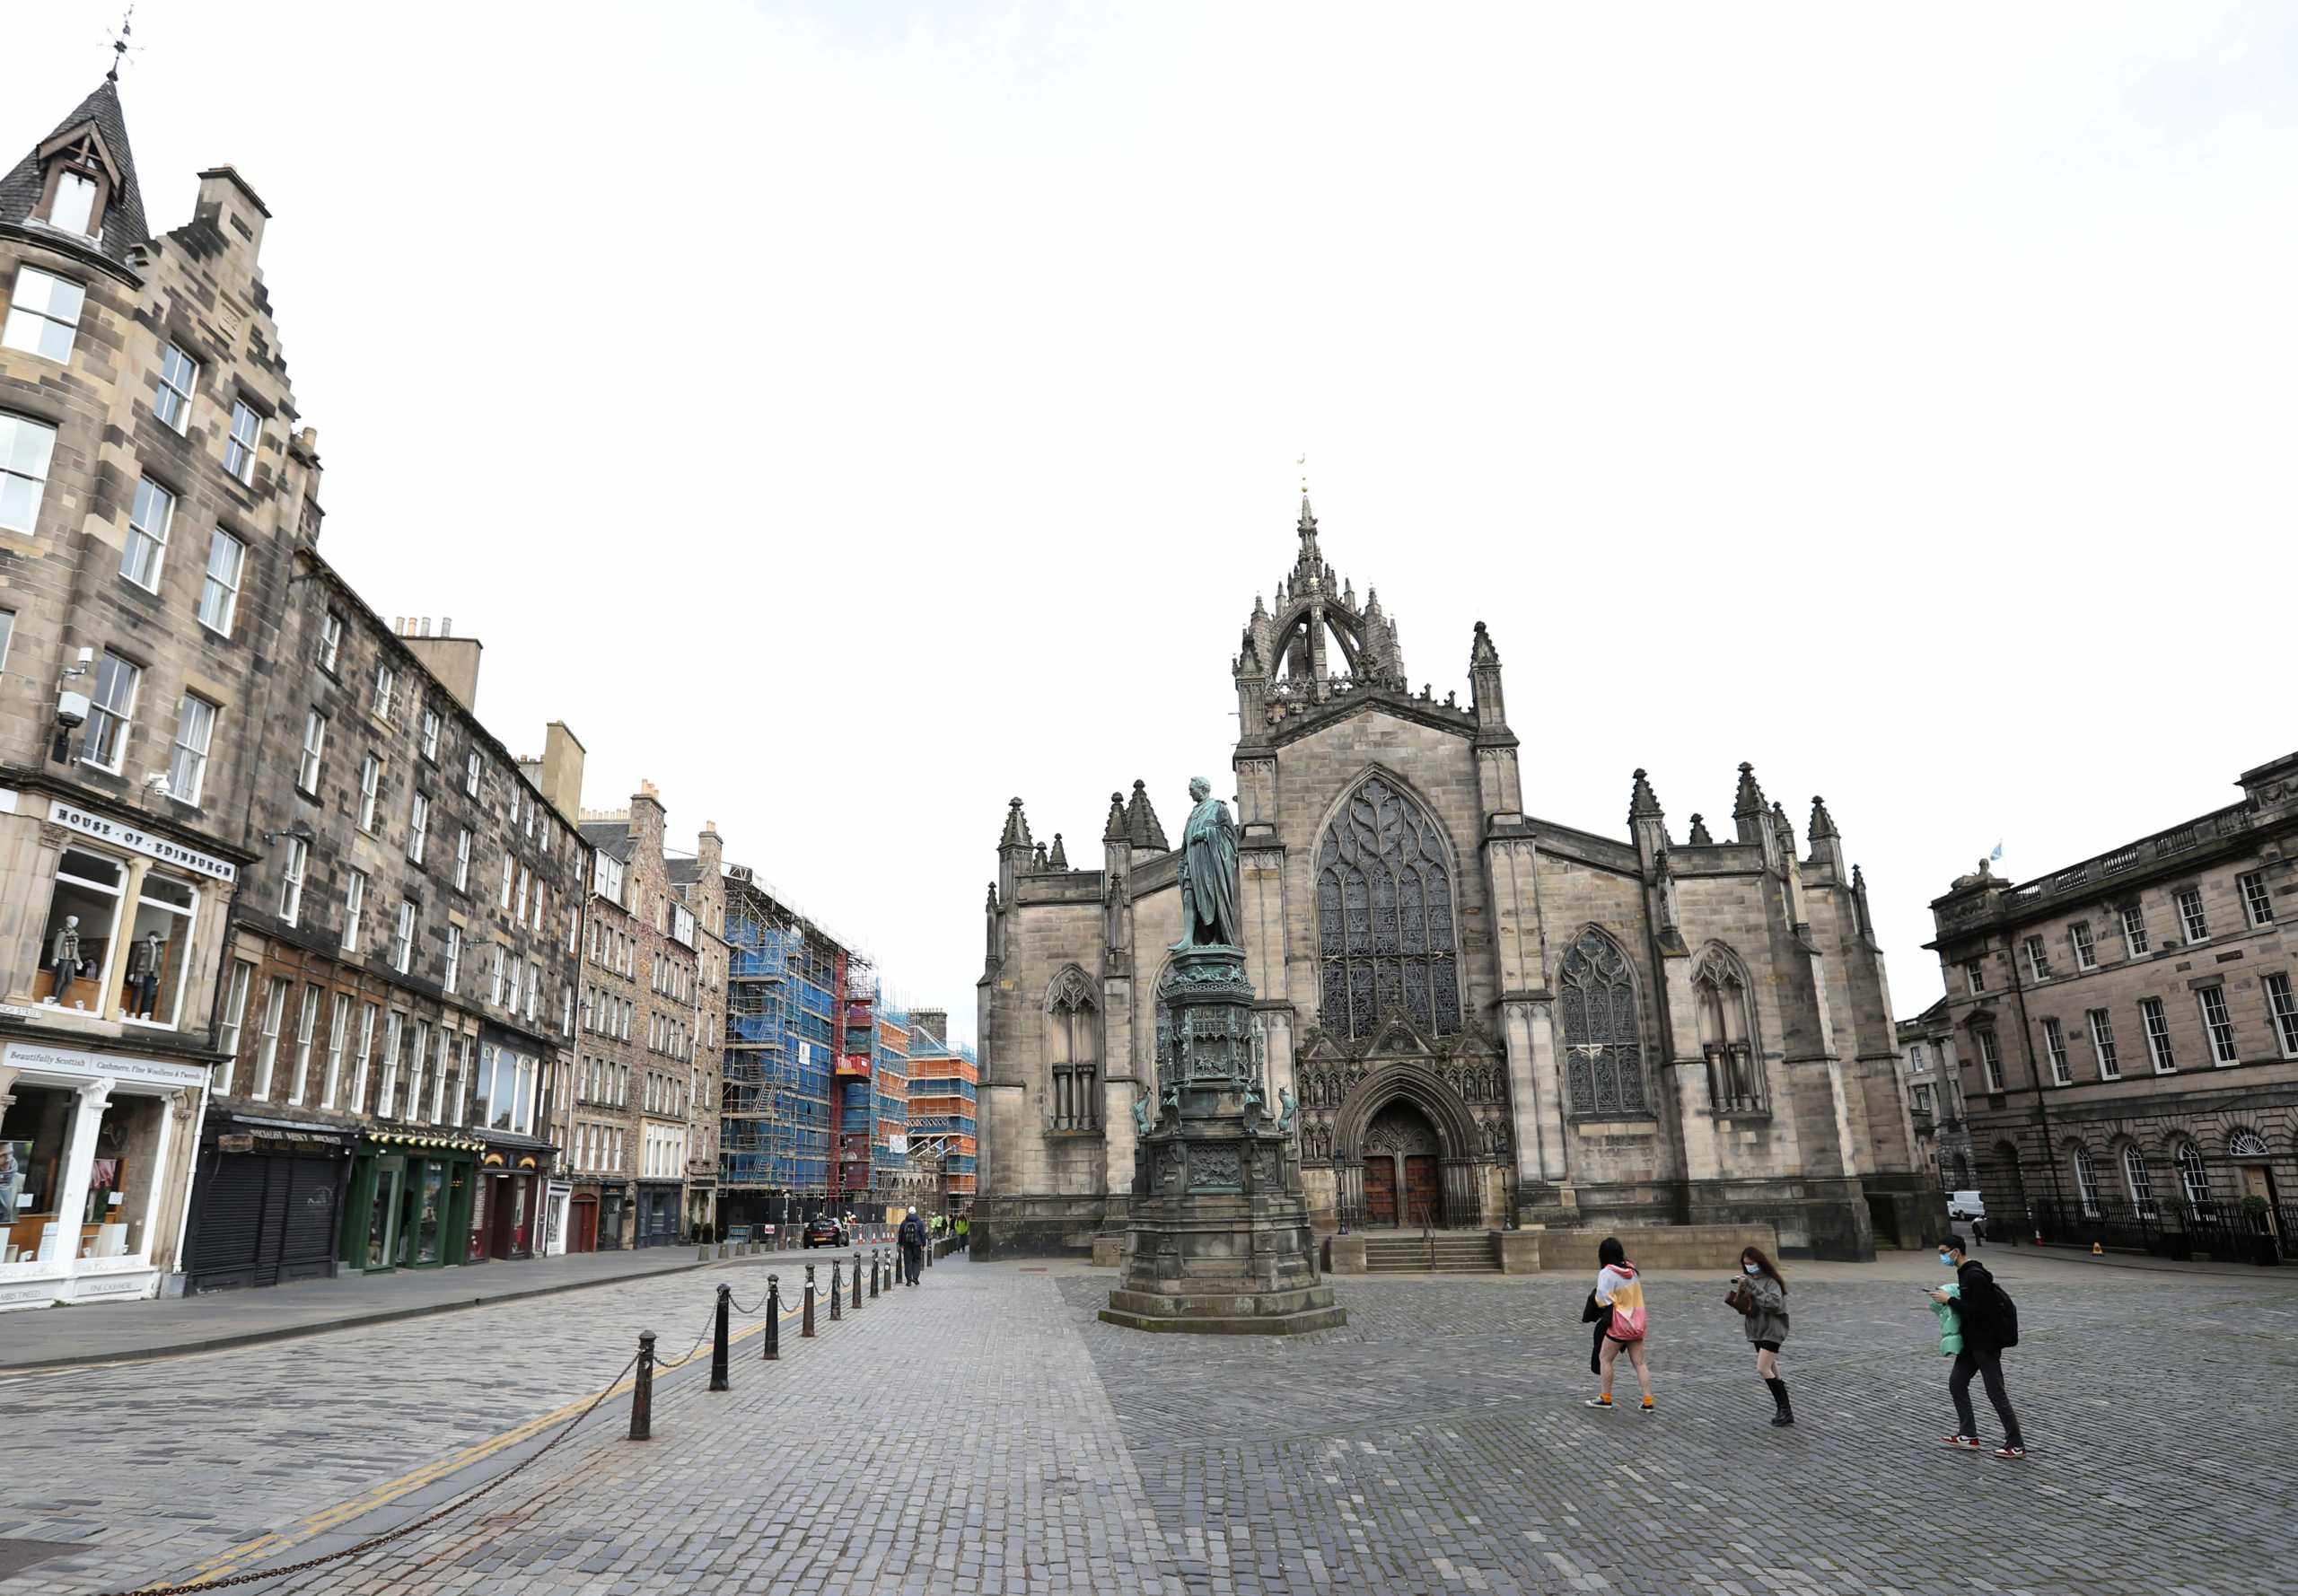 Κορονοϊός – Σκωτία: Μάσκες παντού αντίθετα με την Αγγλία – Κλειστά τα κέντρα διασκέδασης